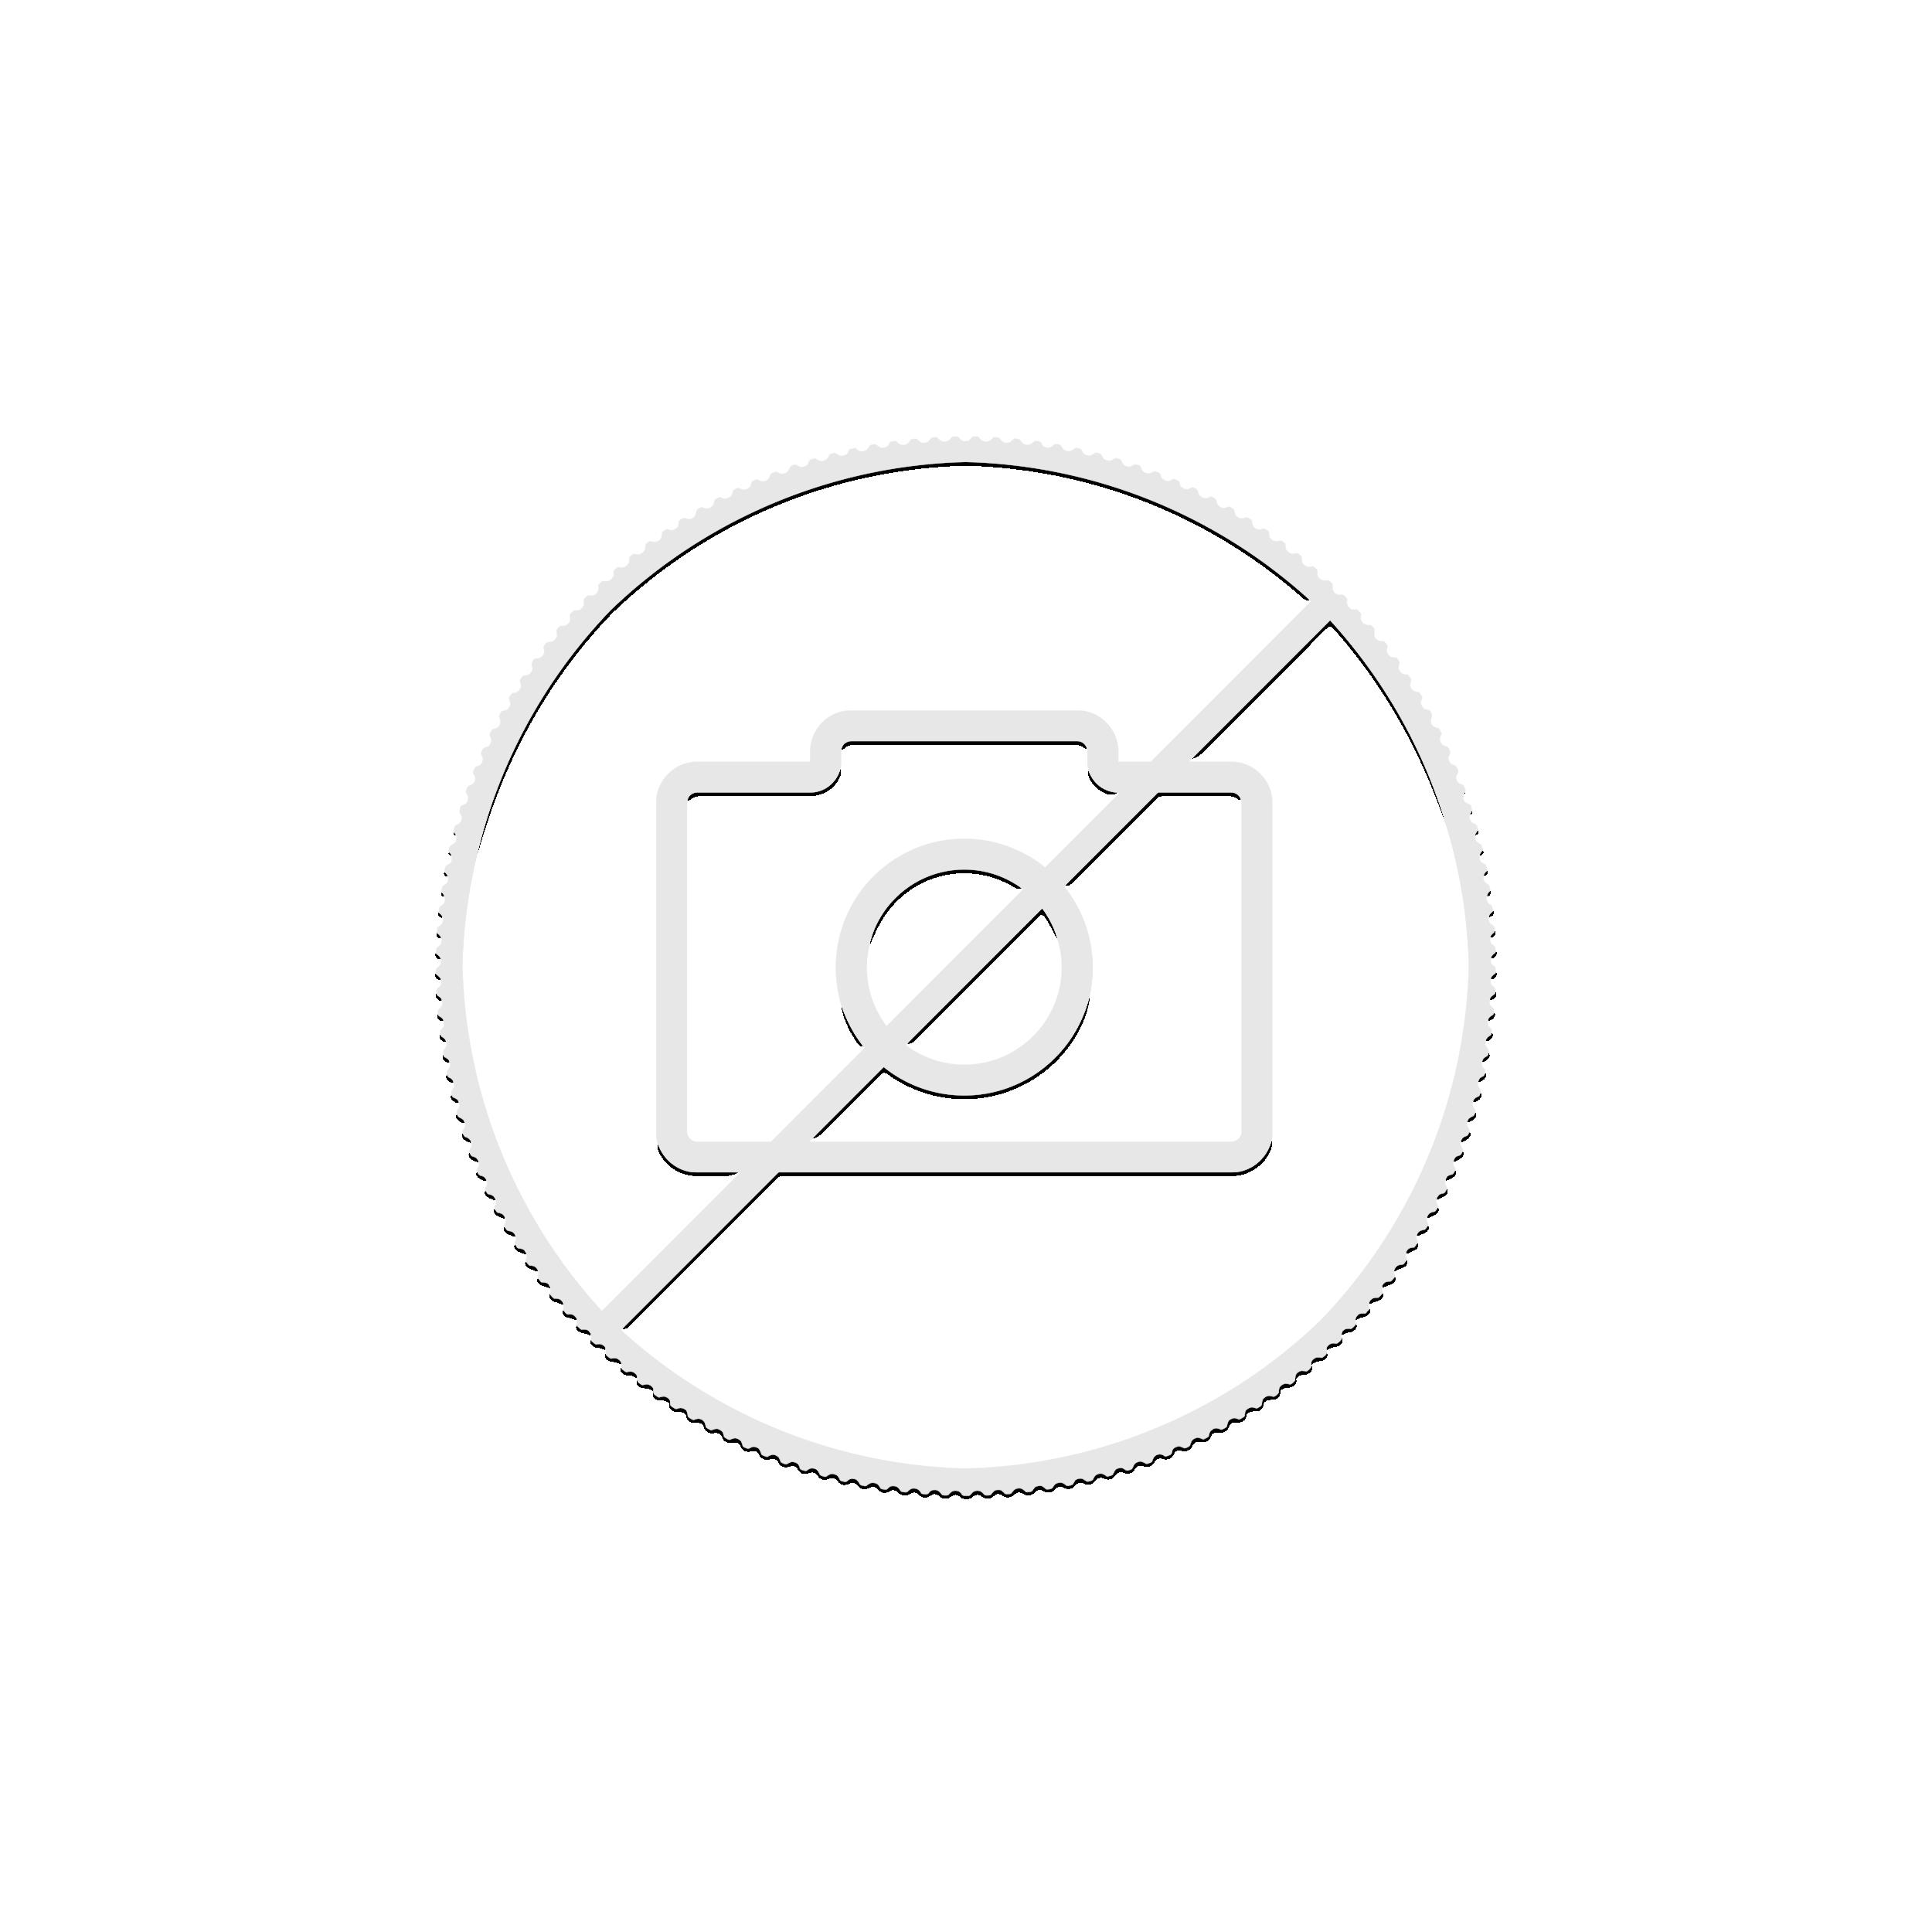 Gold 1/10 troy ounce golden Kangaroo coin 20198